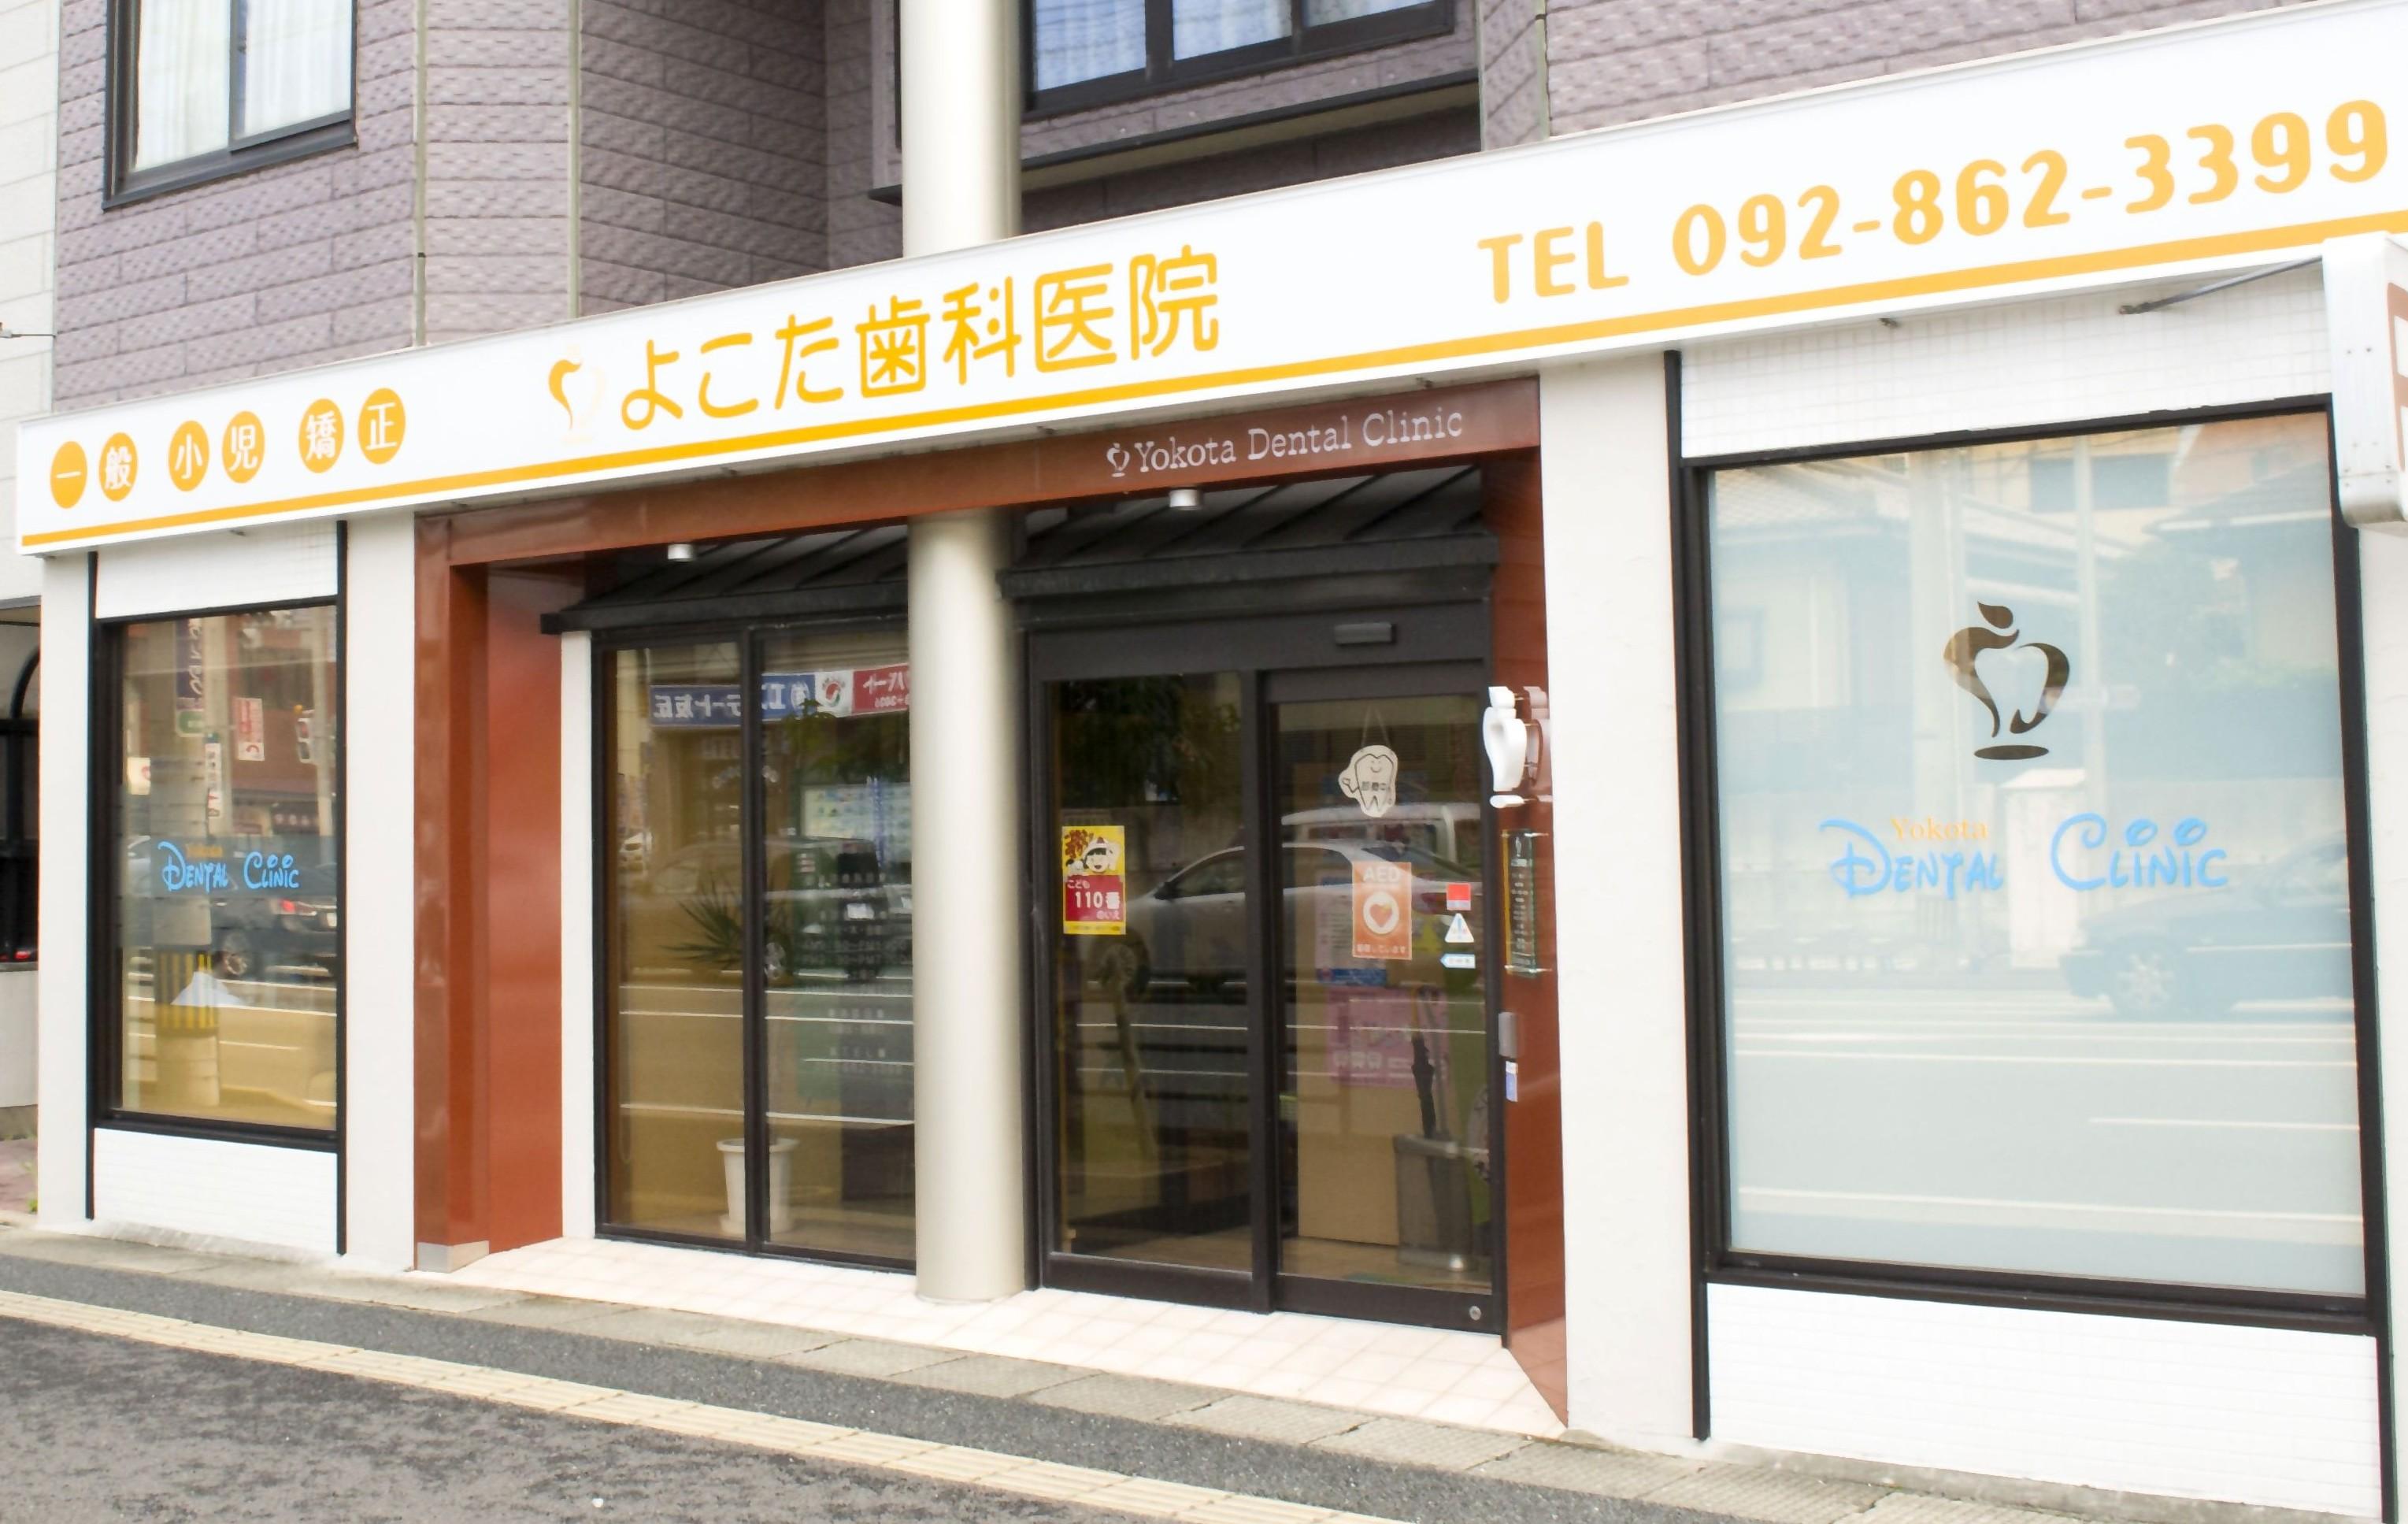 福岡市城南区七隈のよこた歯科医院は矯正・歯周病治療・ドックベストセメント療法を行っています。地下鉄七隈駅より徒歩1分